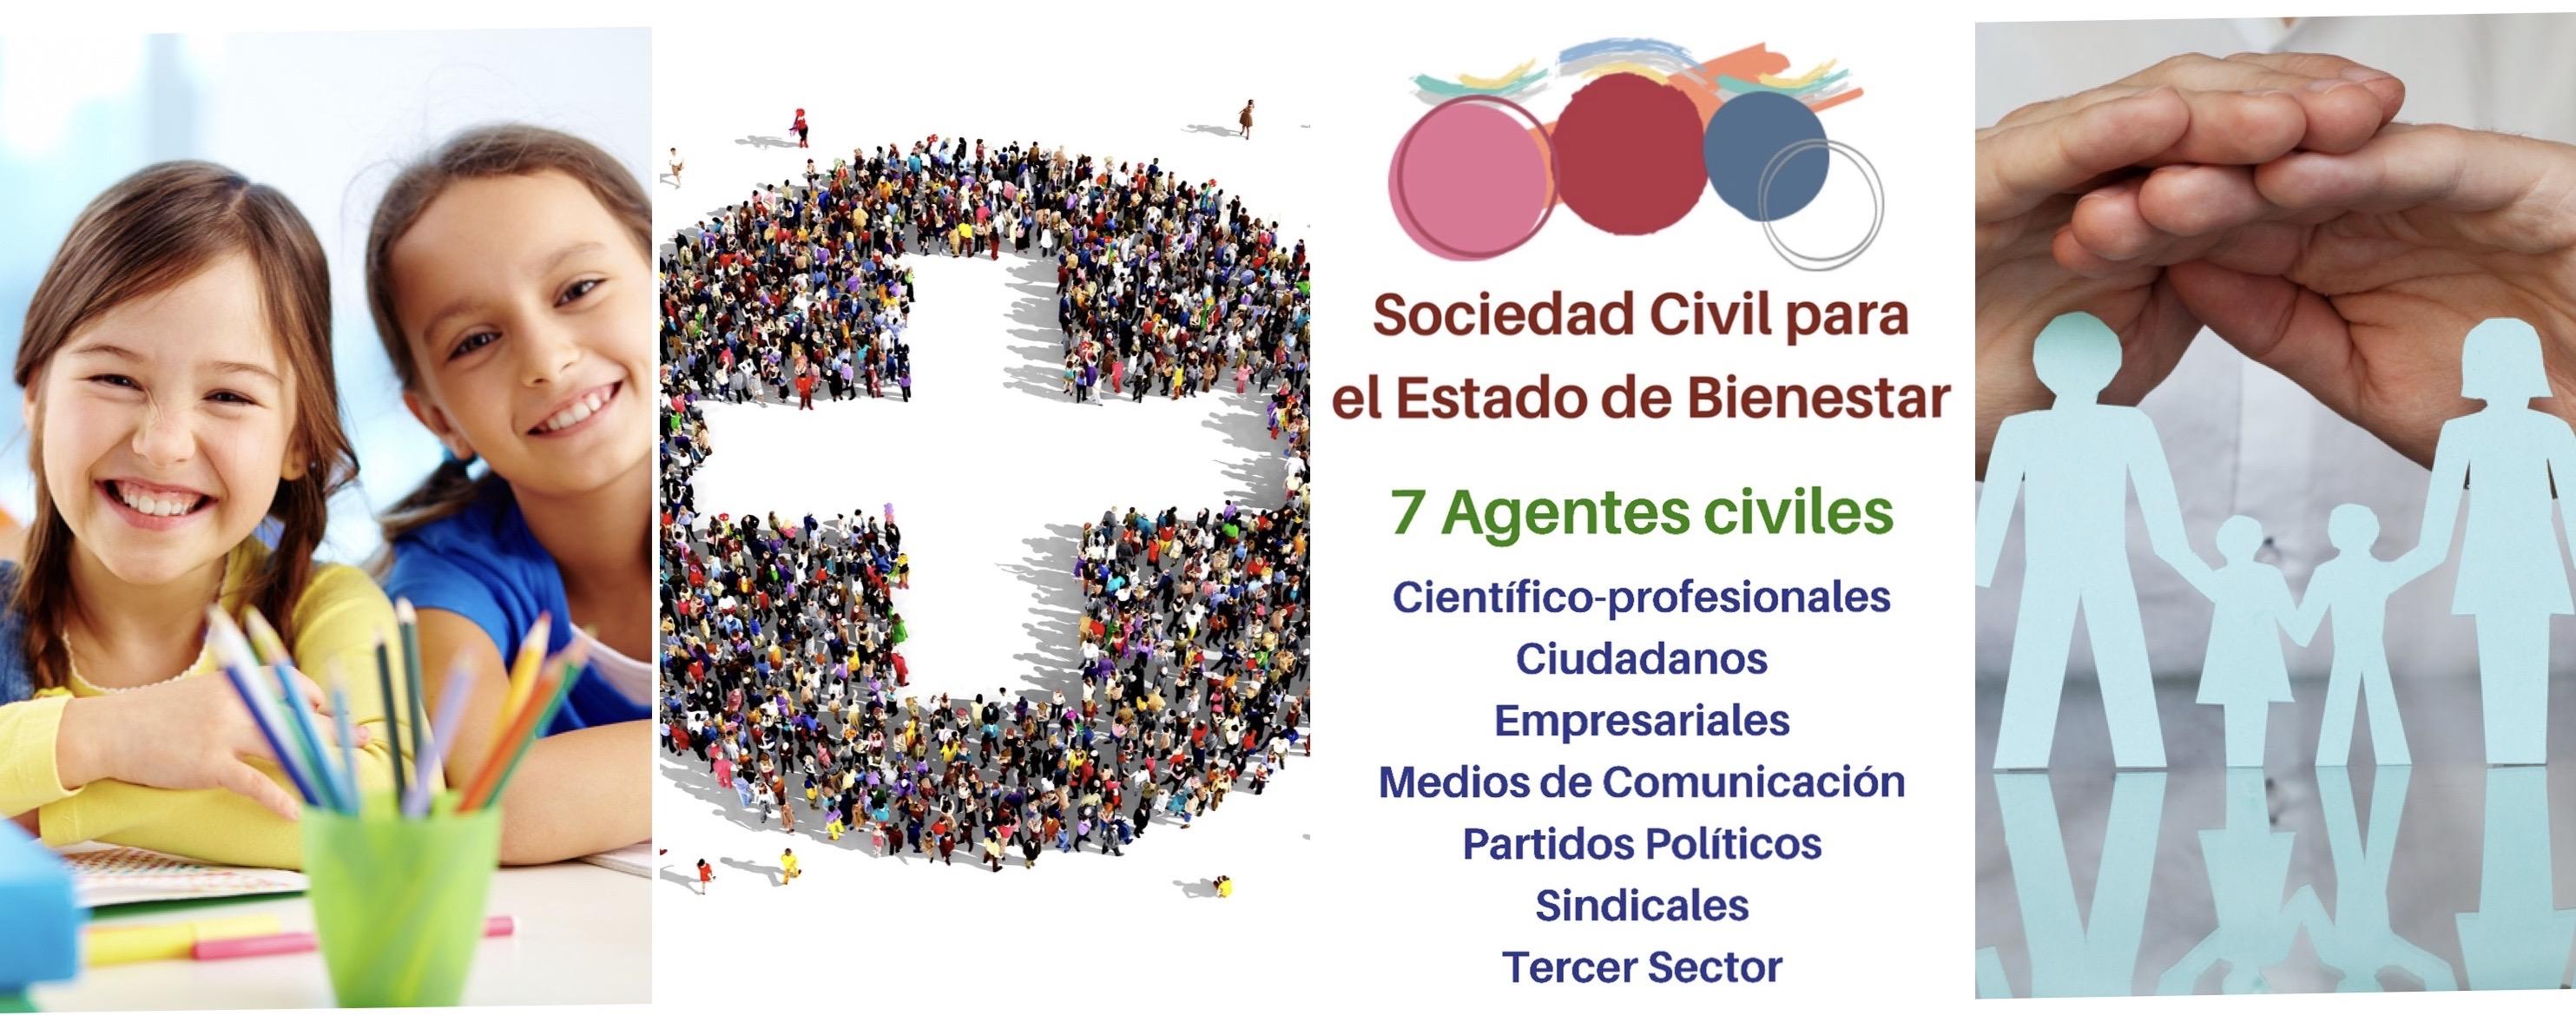 I Encuentro de Sociedad Civil para el Estado de Bienestar. Madrid. 22 Febrero 2020